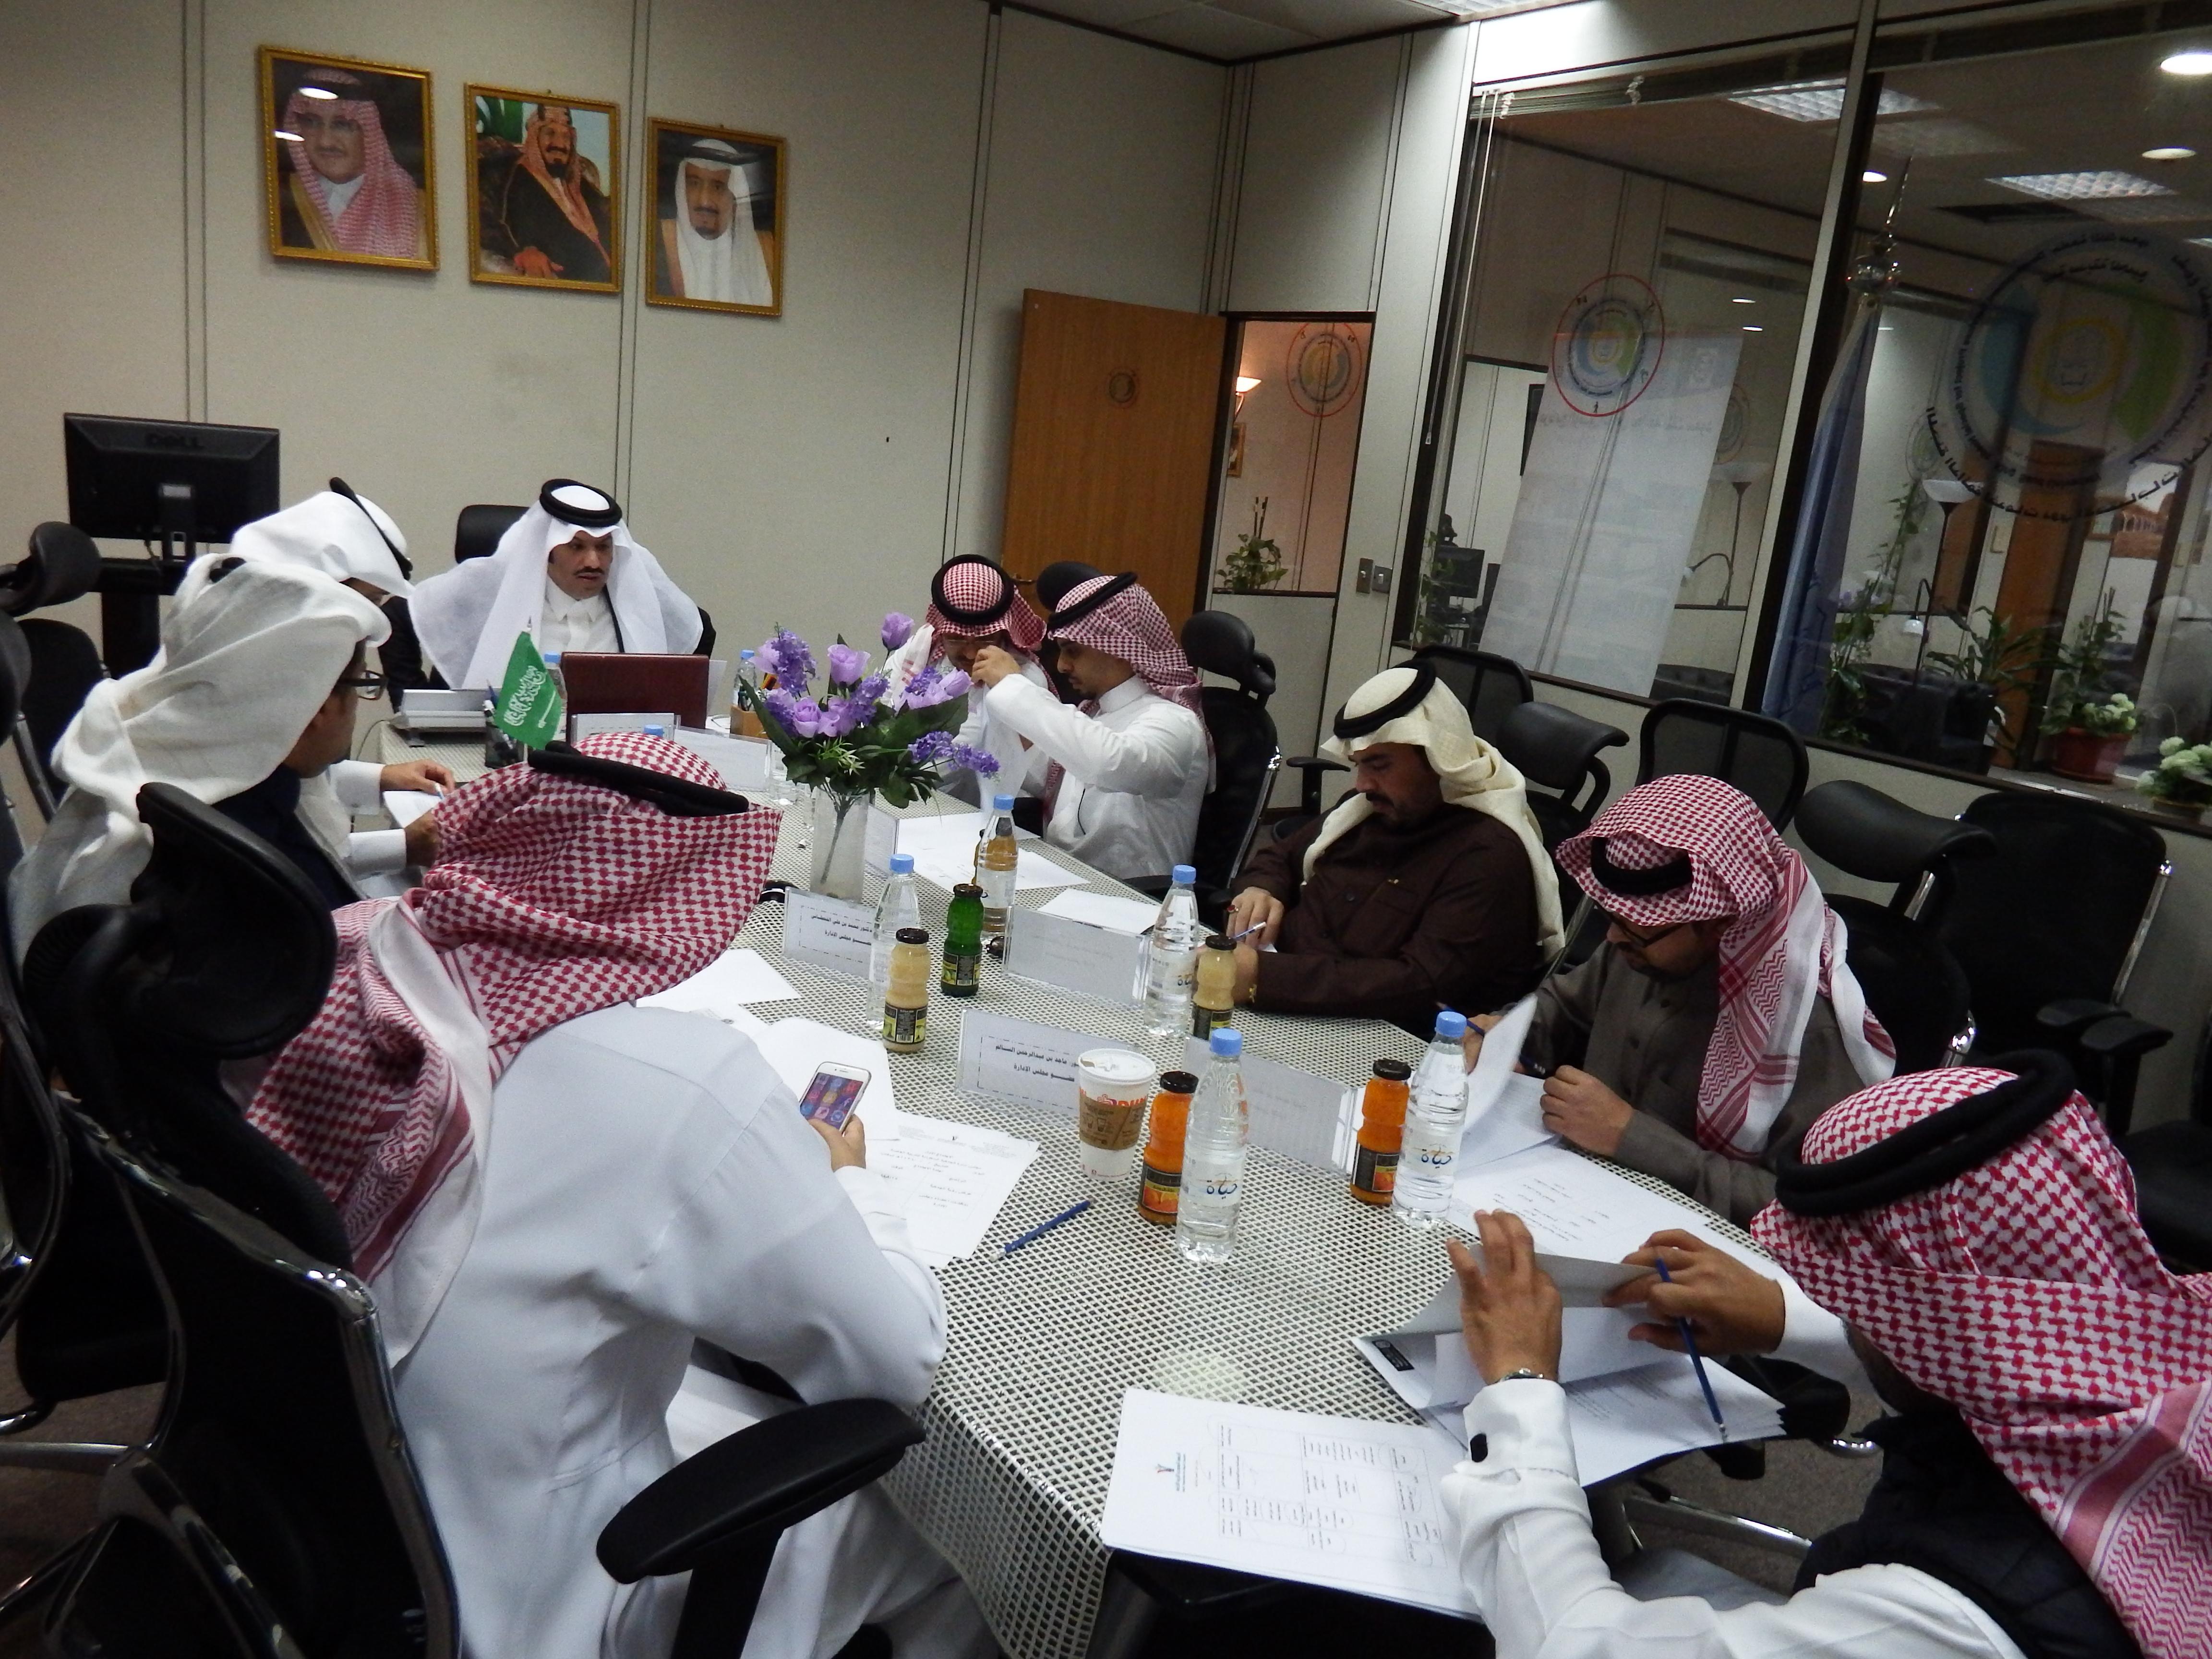 الاجتماع التحضيري الاول للجمعية السعودية للتربية الخاصة بمقر برنامج الوصول الشامل